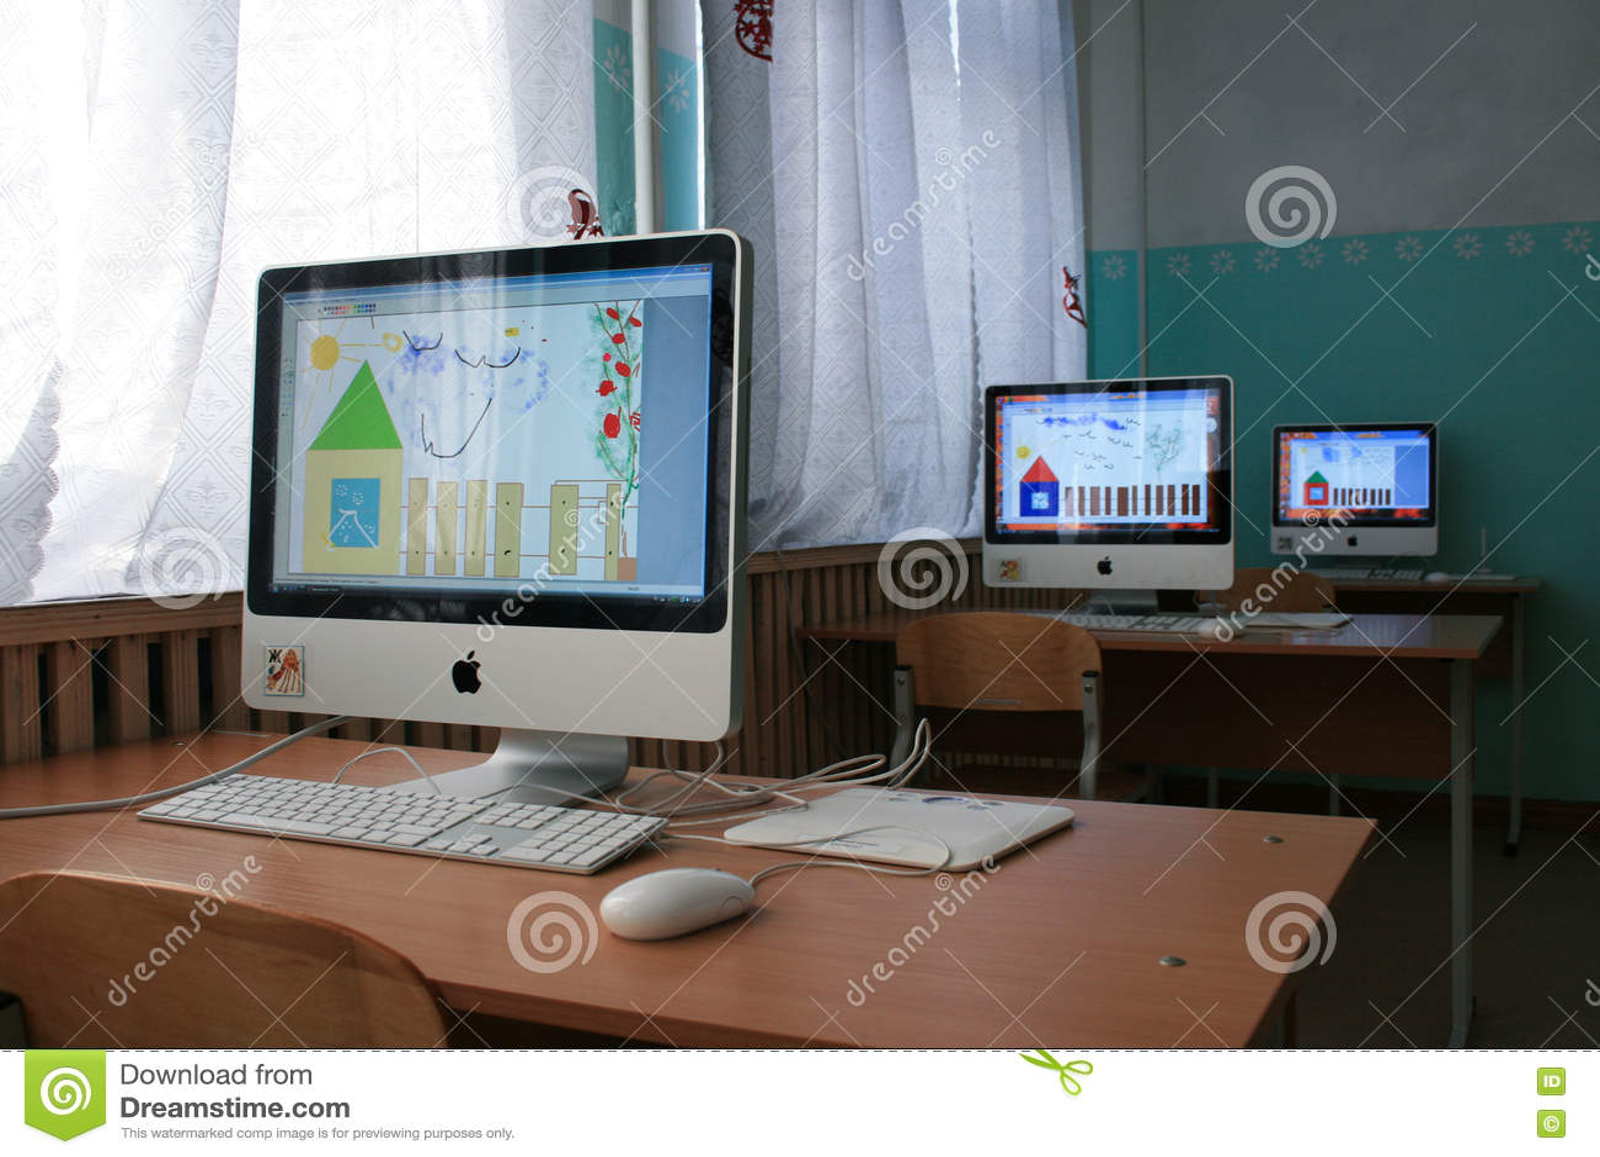 Υπολογιστές της Apple σε ένα οικοτροφείο για τα παιδιά